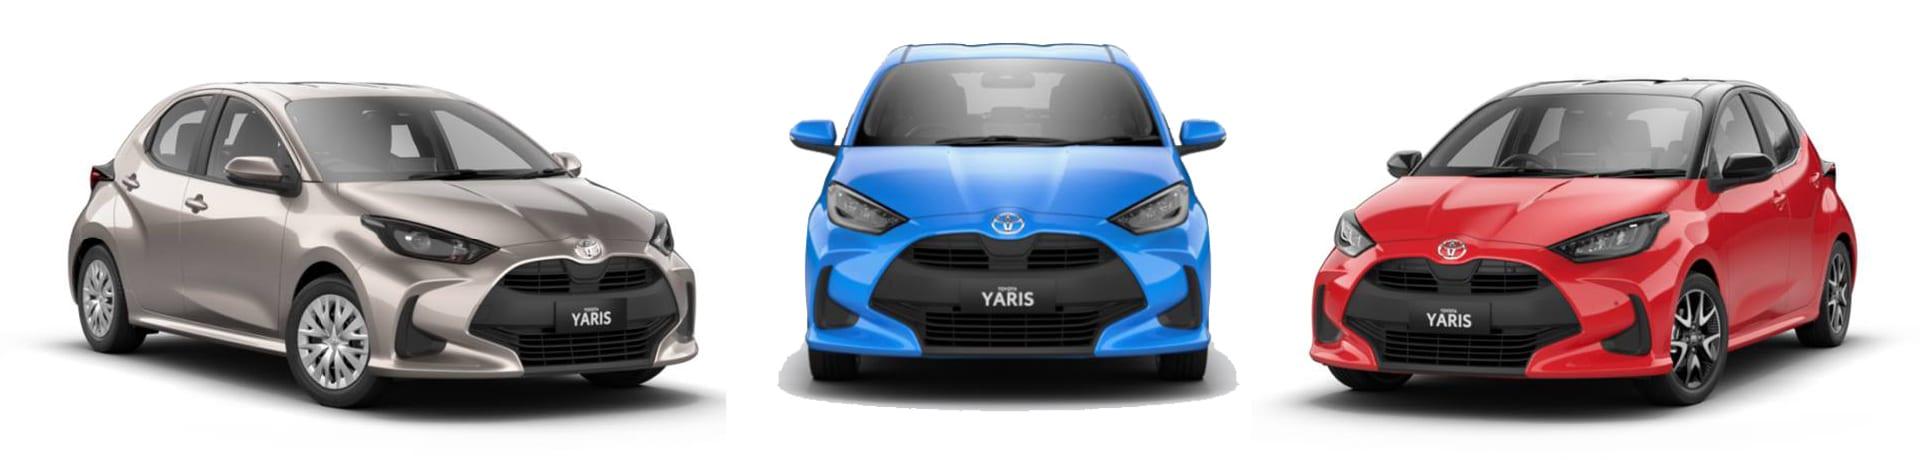 YARIS2020